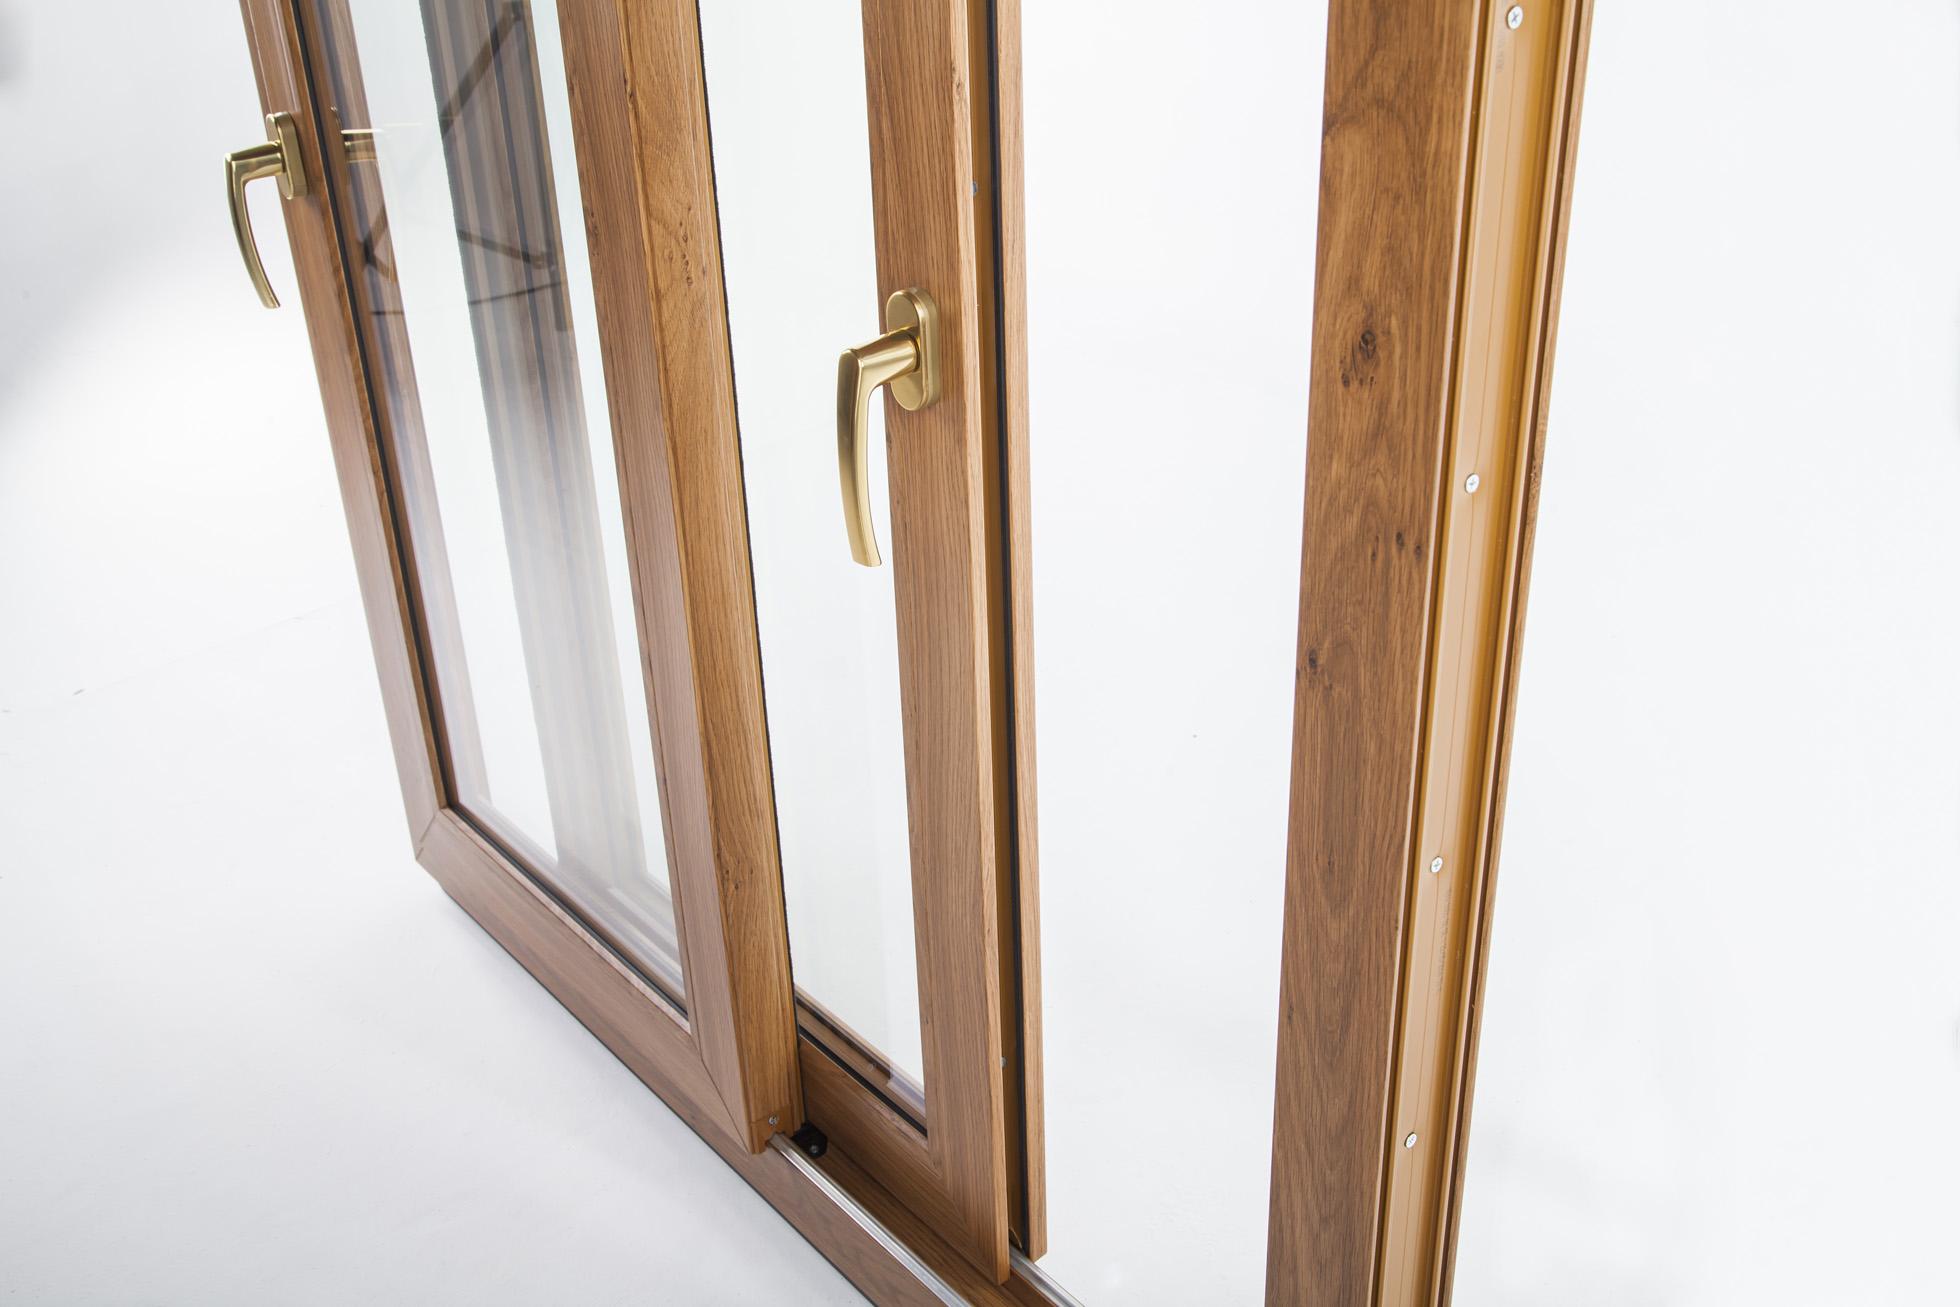 Porte finestre scorrevoli ekosol okna samoraj porte e finestre in pvc dalla polonia - Porta finestra legno ...